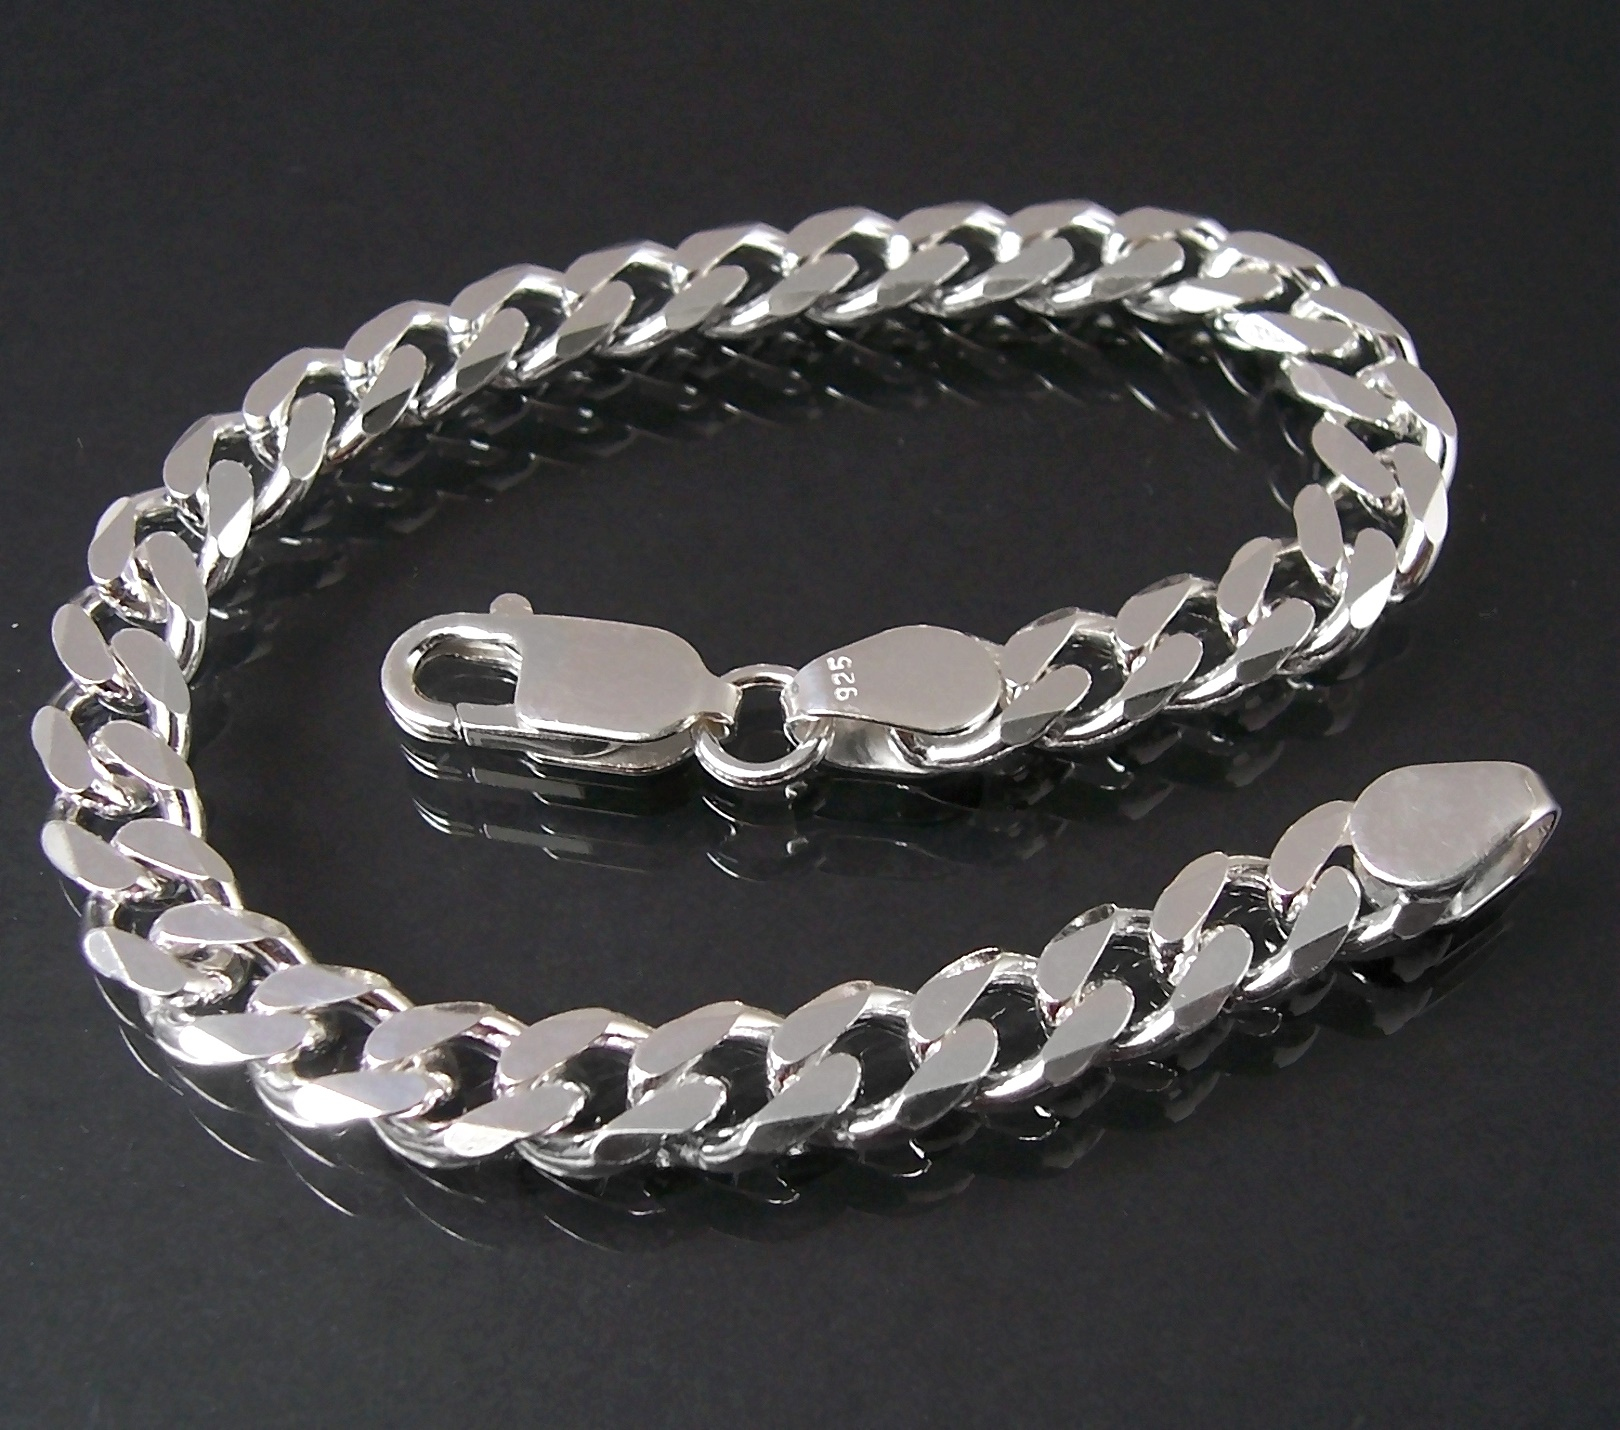 Silberarmband Panzerarmband 925 Silber 7,3mm Schmuck 23cm 13573-23